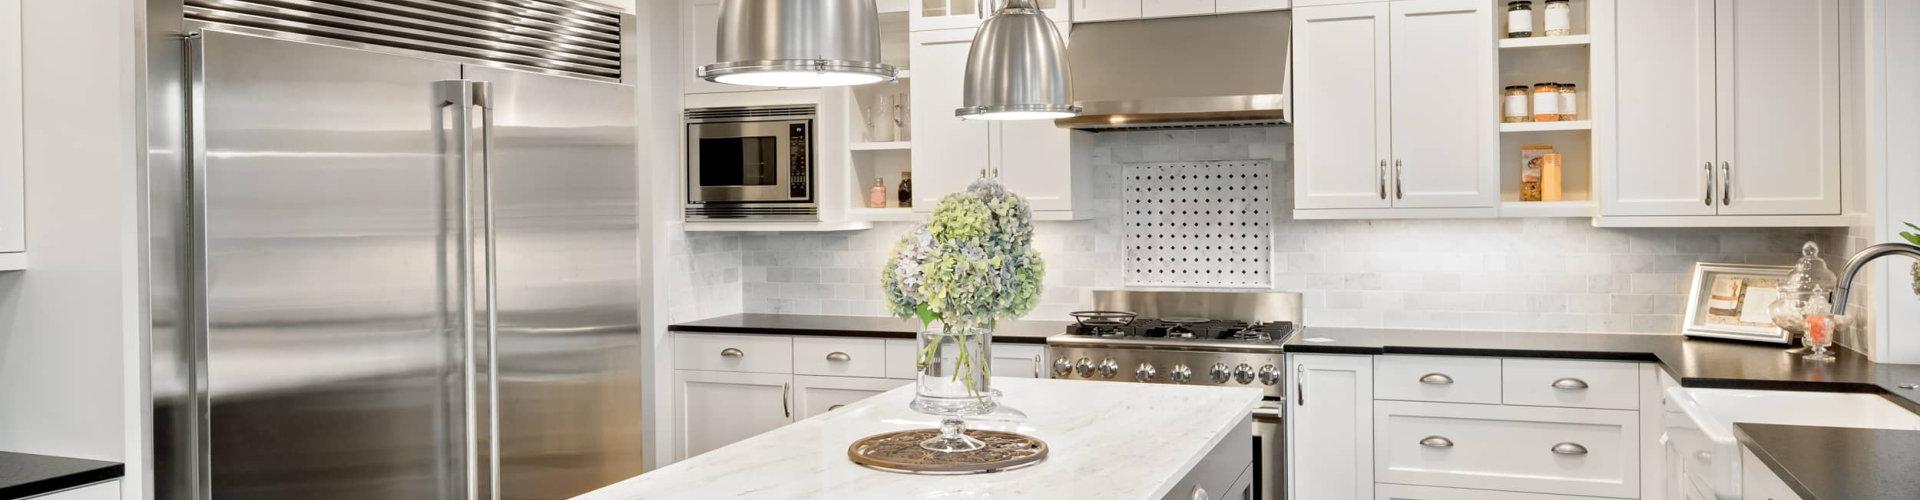 beautiful kitchen setup